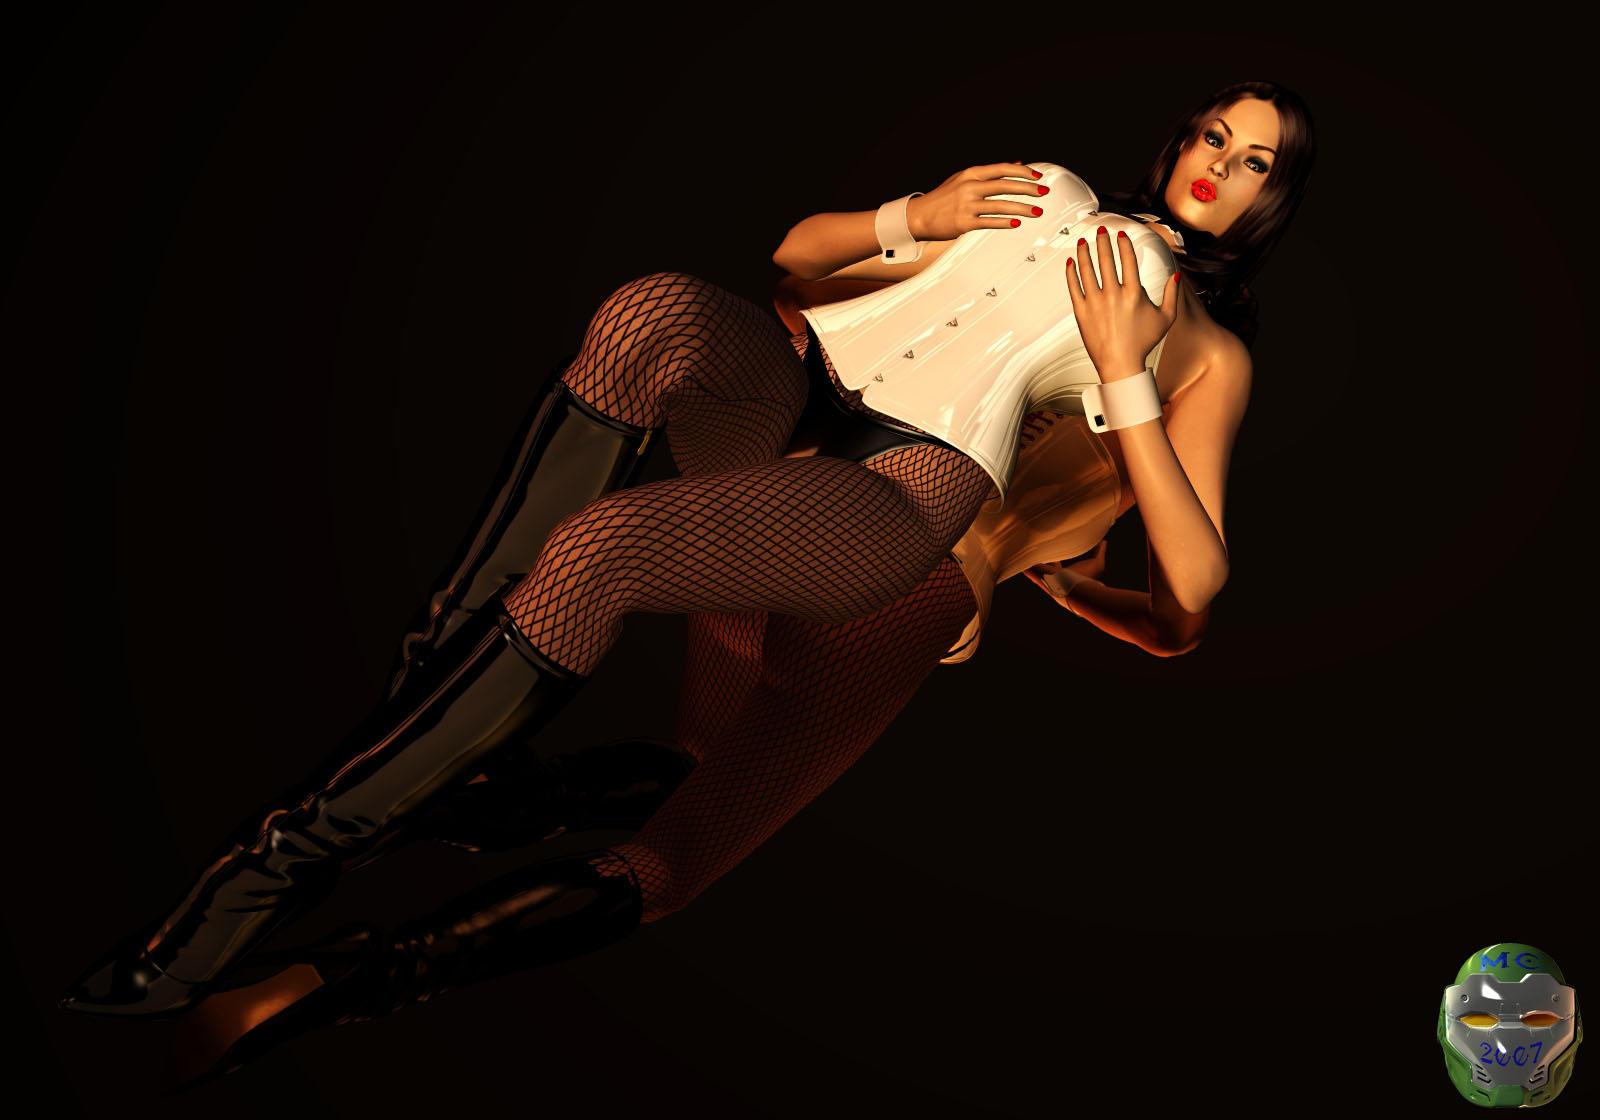 Zatanna pin-up shoot